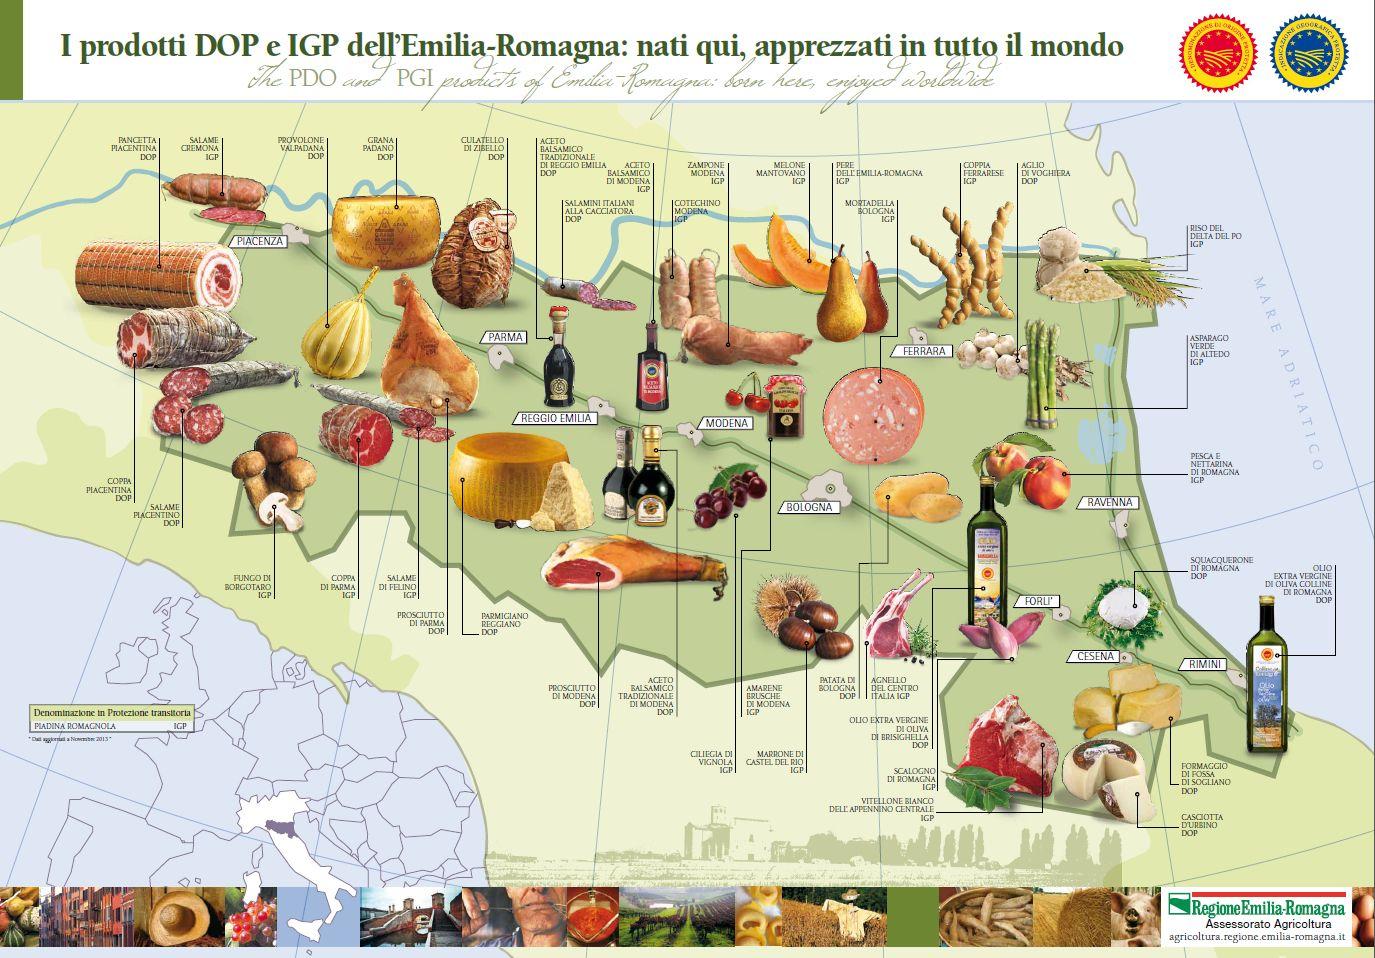 I prodotti DOP e IGP dell'Emilia-Romagna